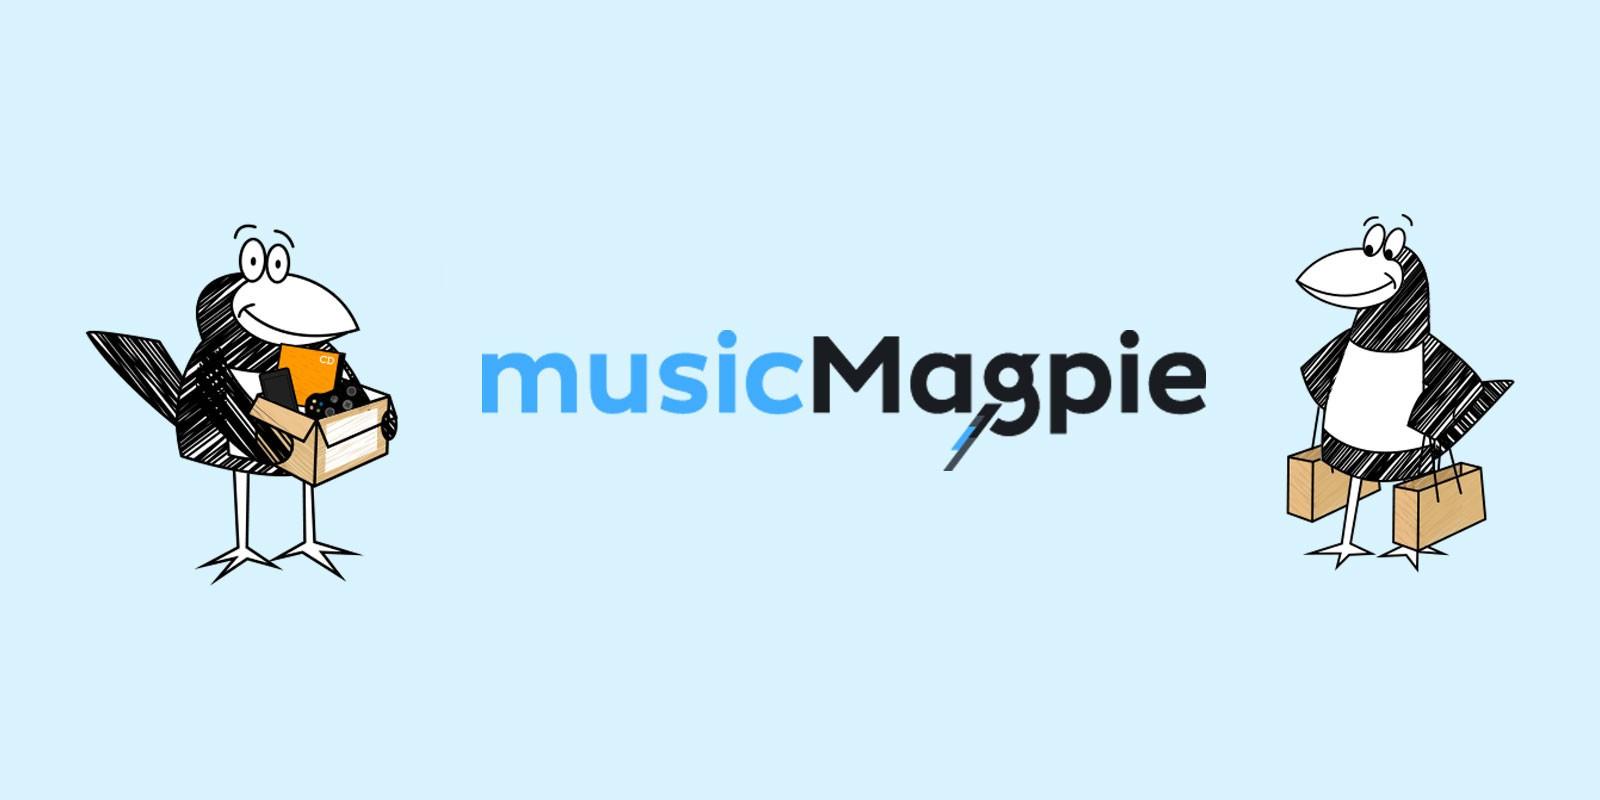 music-magpie.mention-me.com